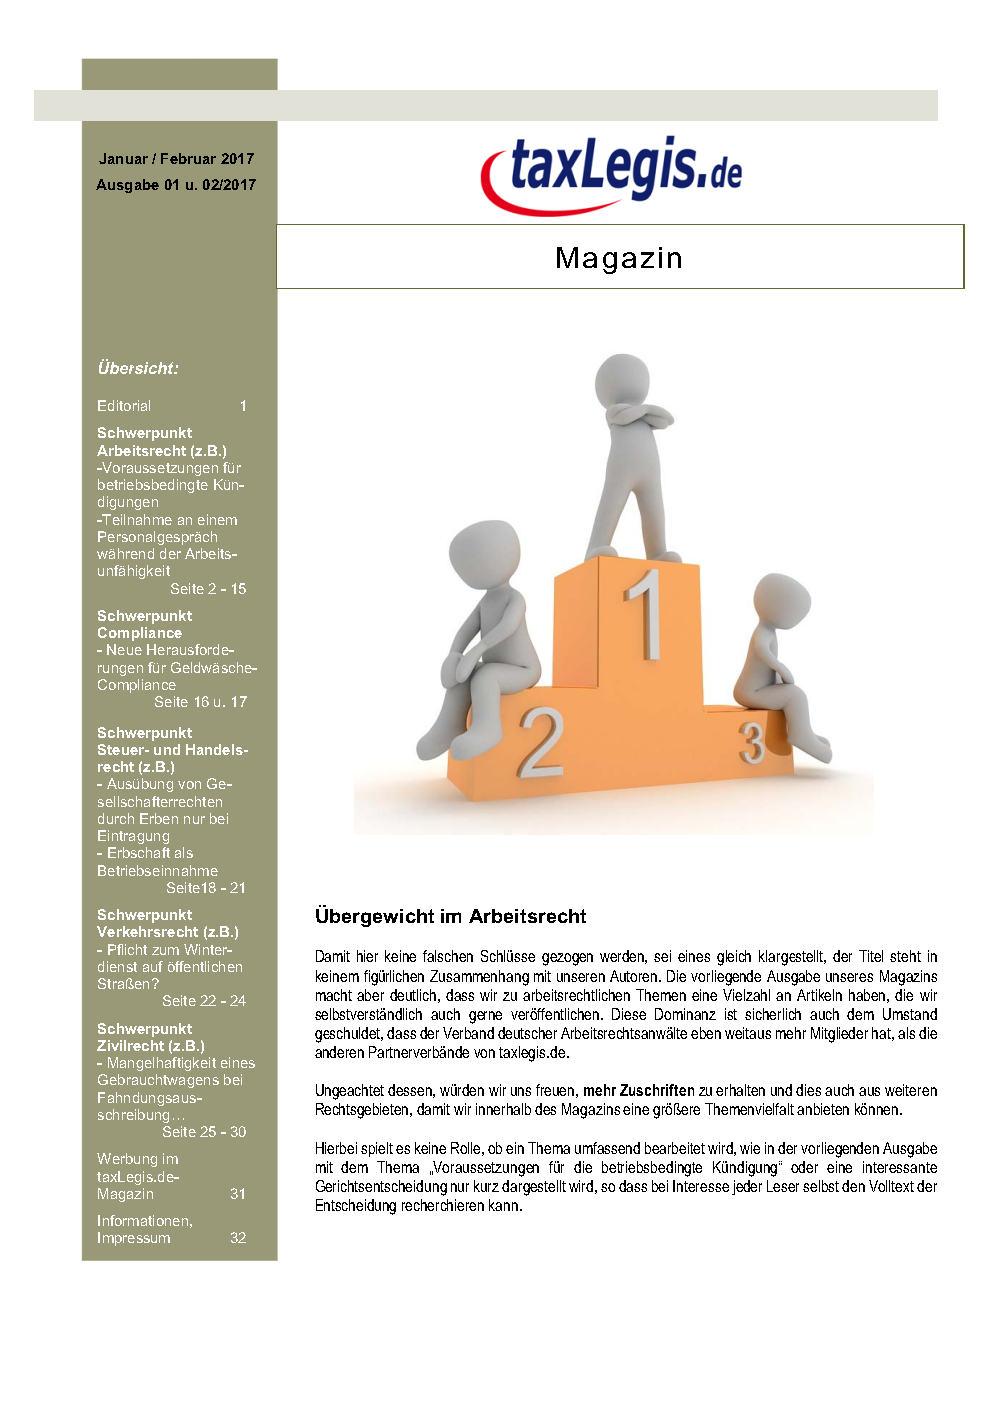 Cover zu Neue Herausforderungen für Geldwäsche-Compliance